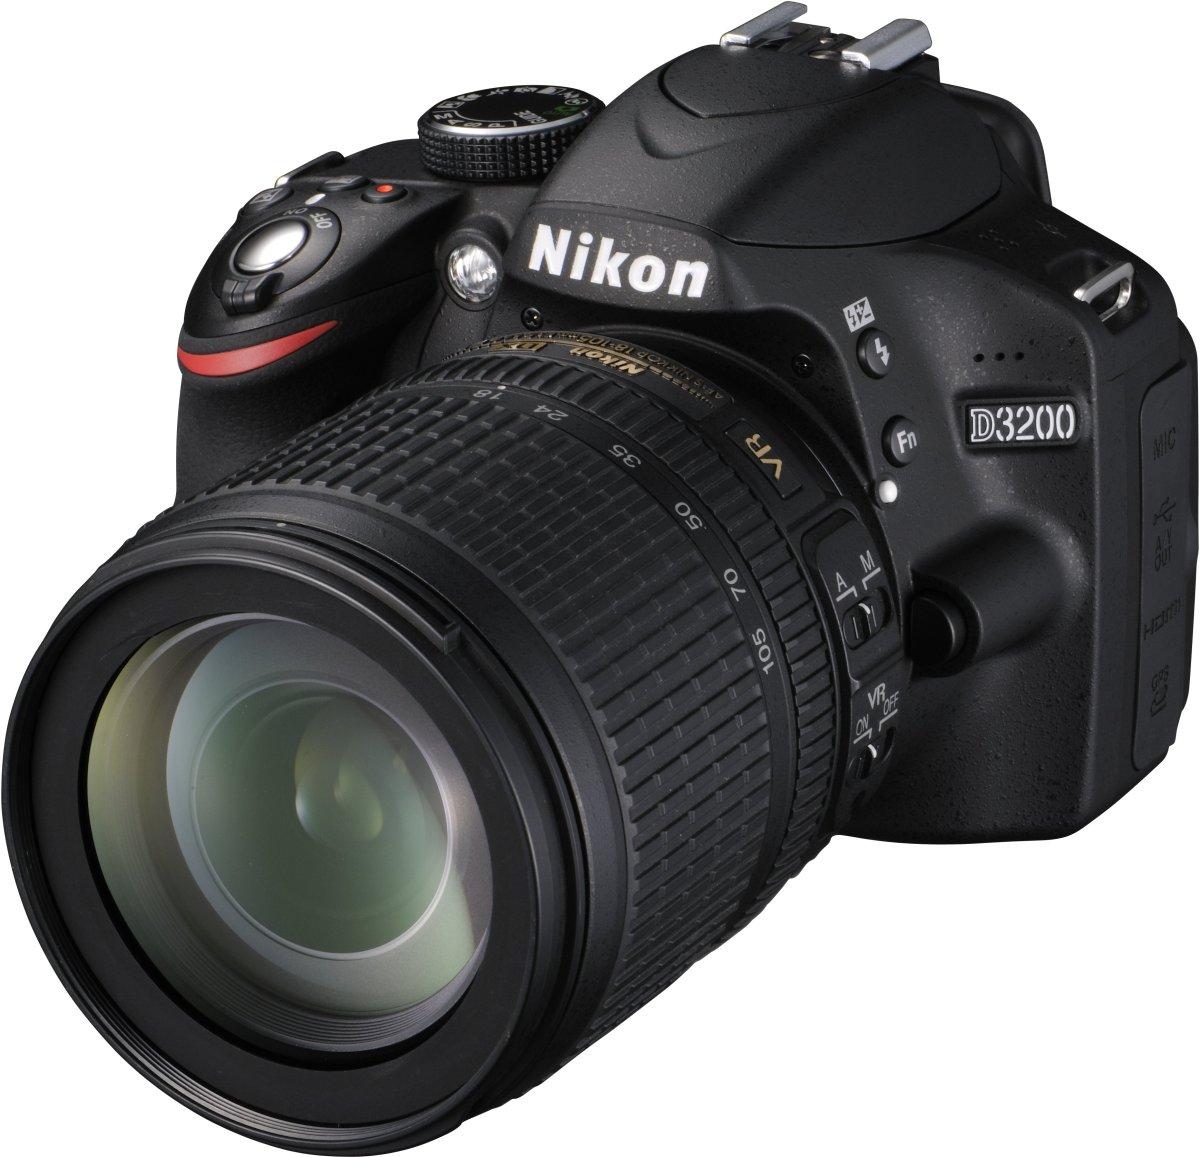 Aparat NIKON D3200 18-105VR VBA330K005